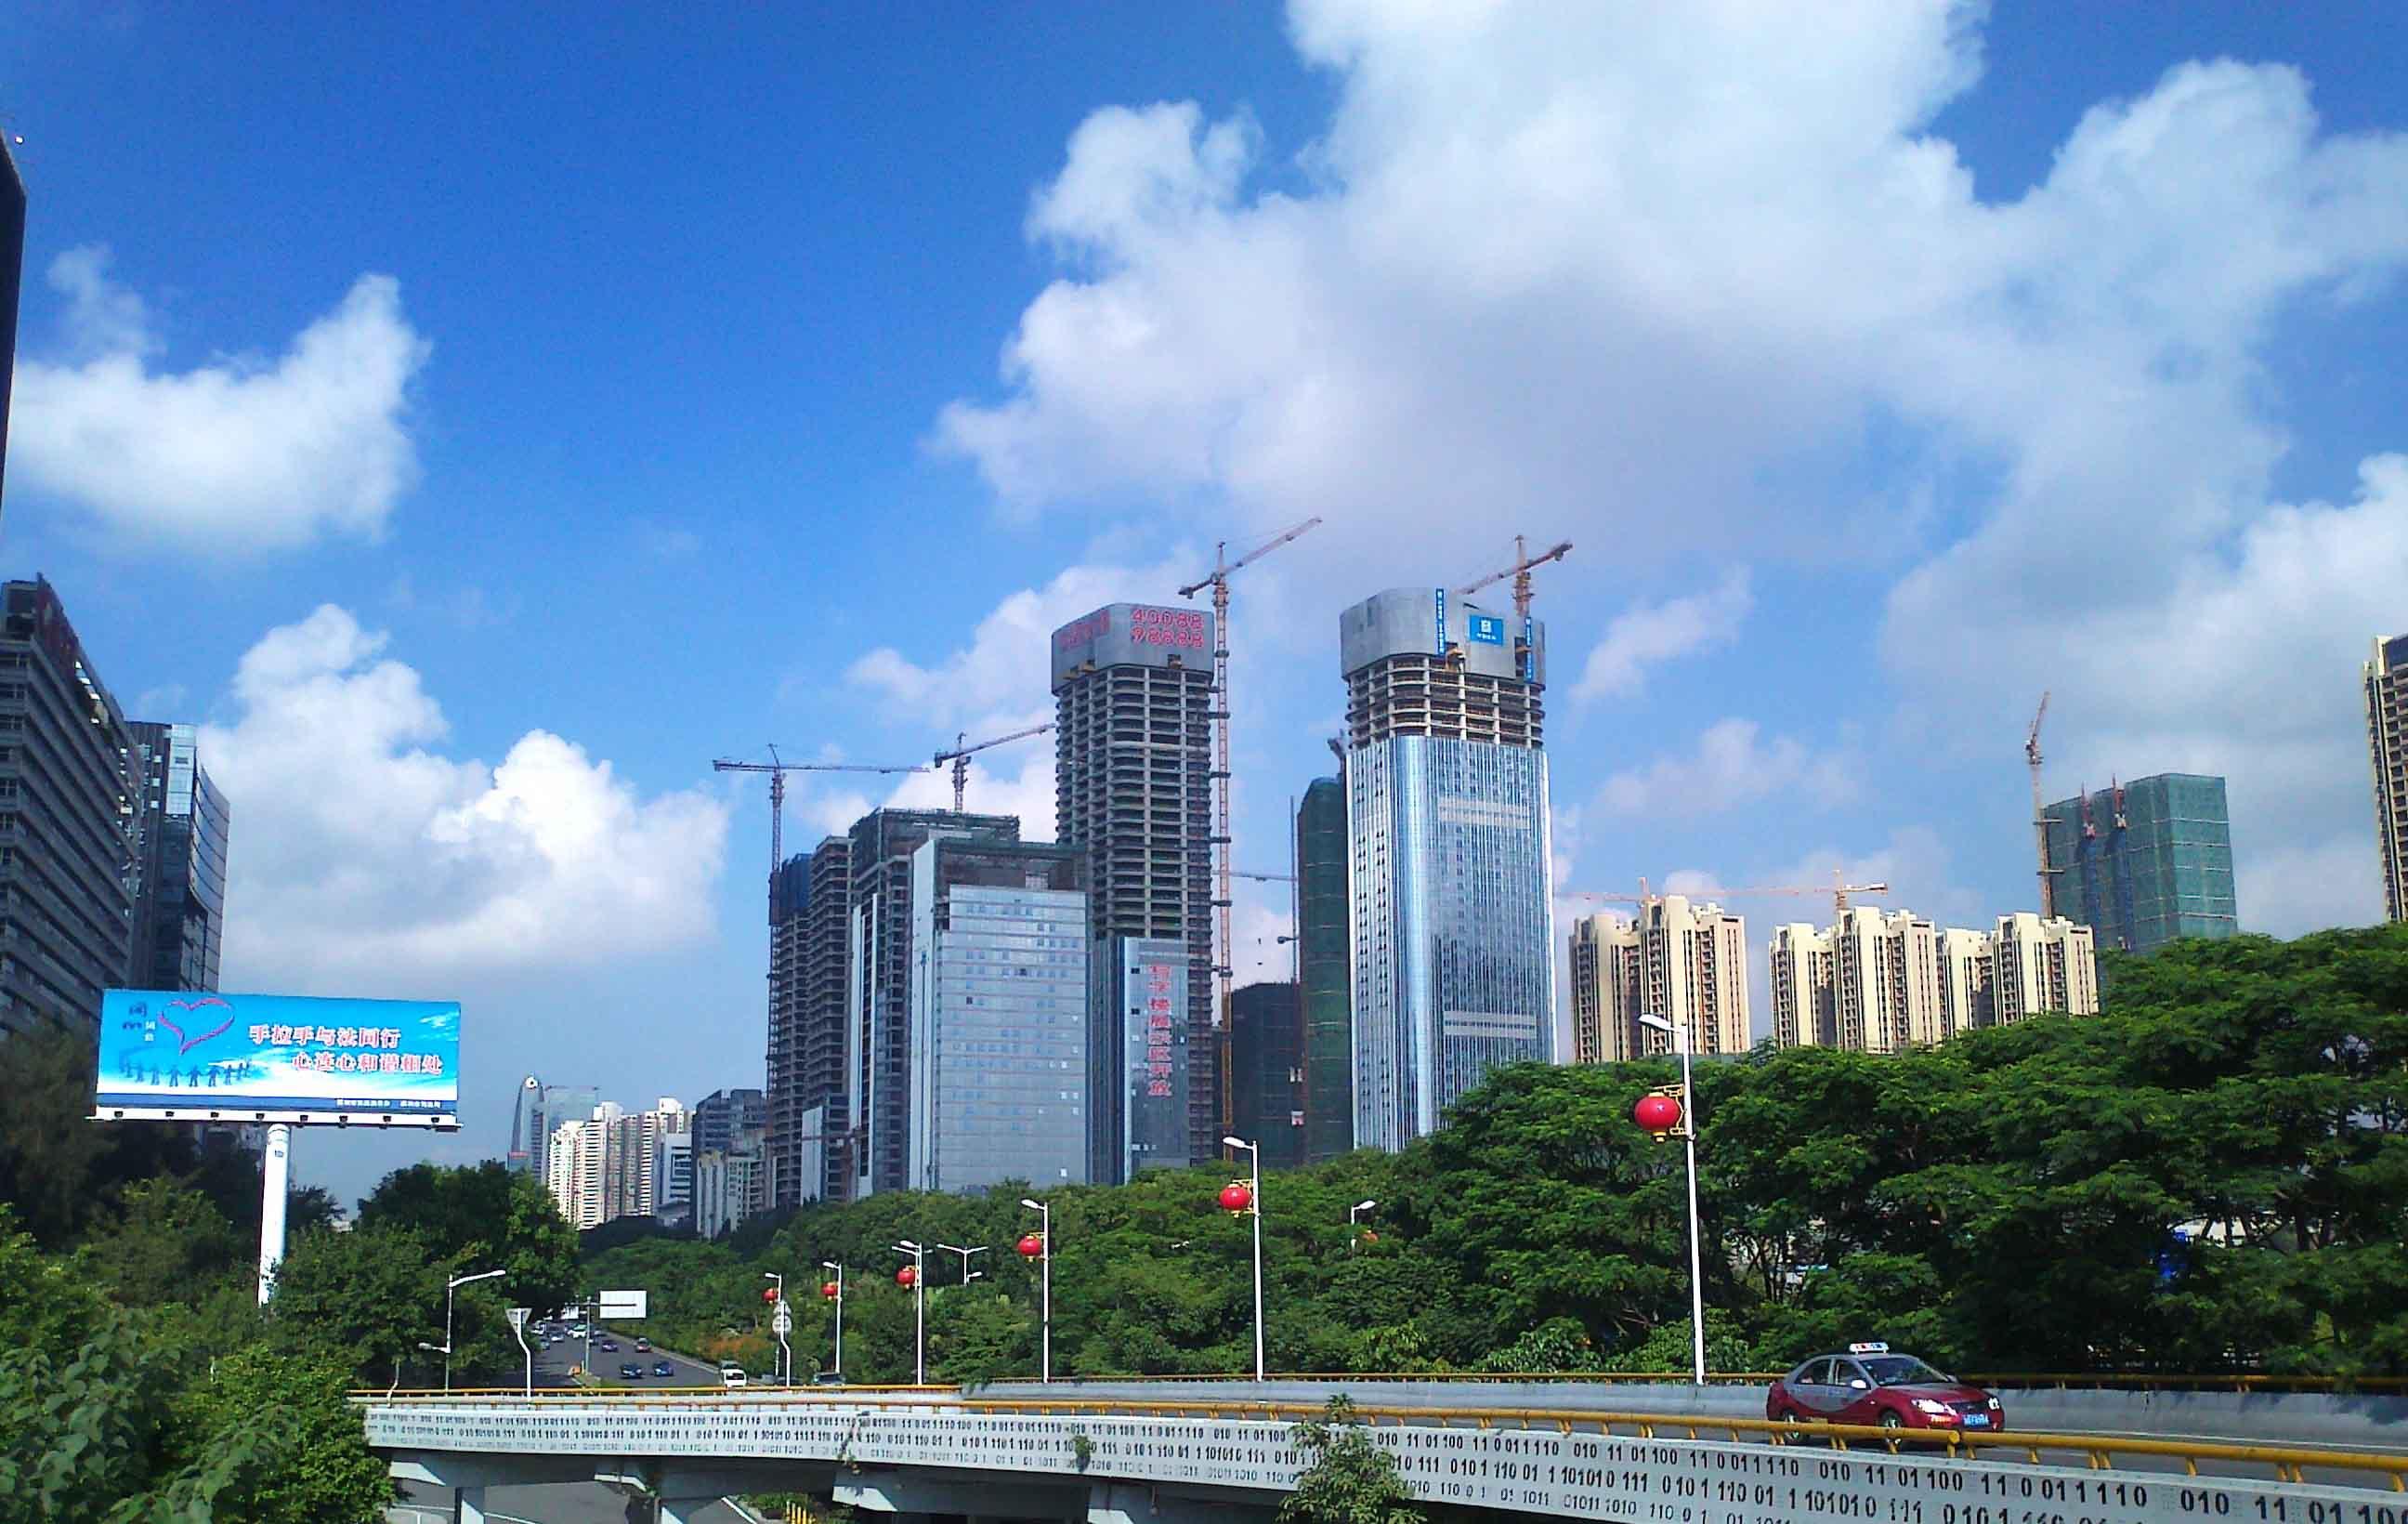 空中俯瞰南山区 - 深圳房地产信息网论坛图片